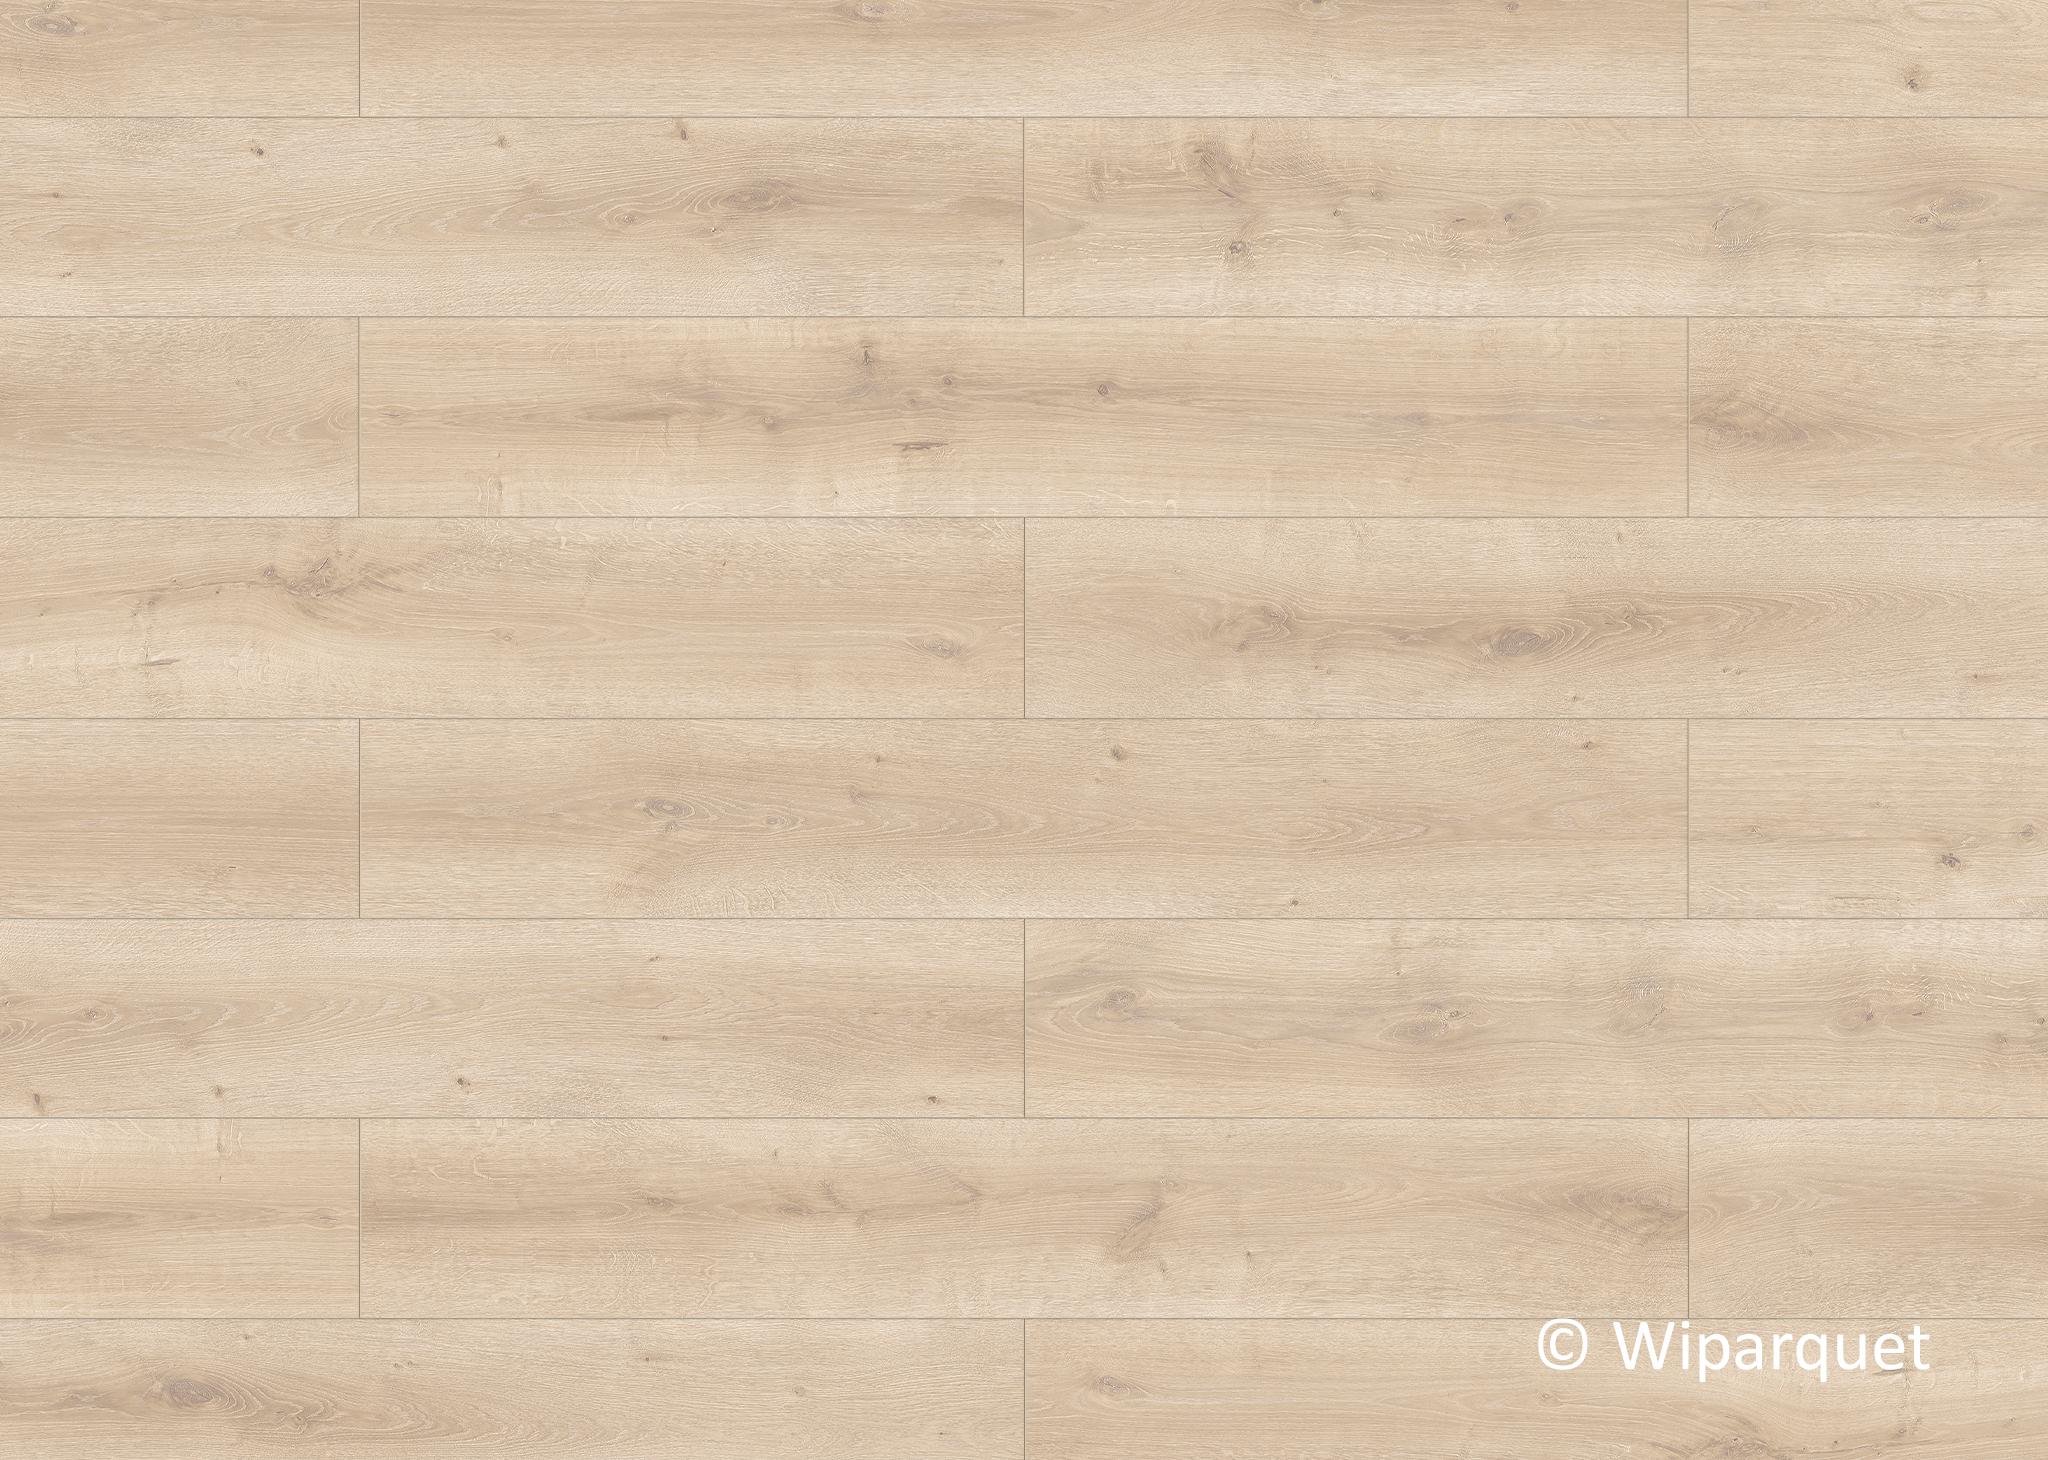 Wiparquet Eco Aqua Oak creme natural